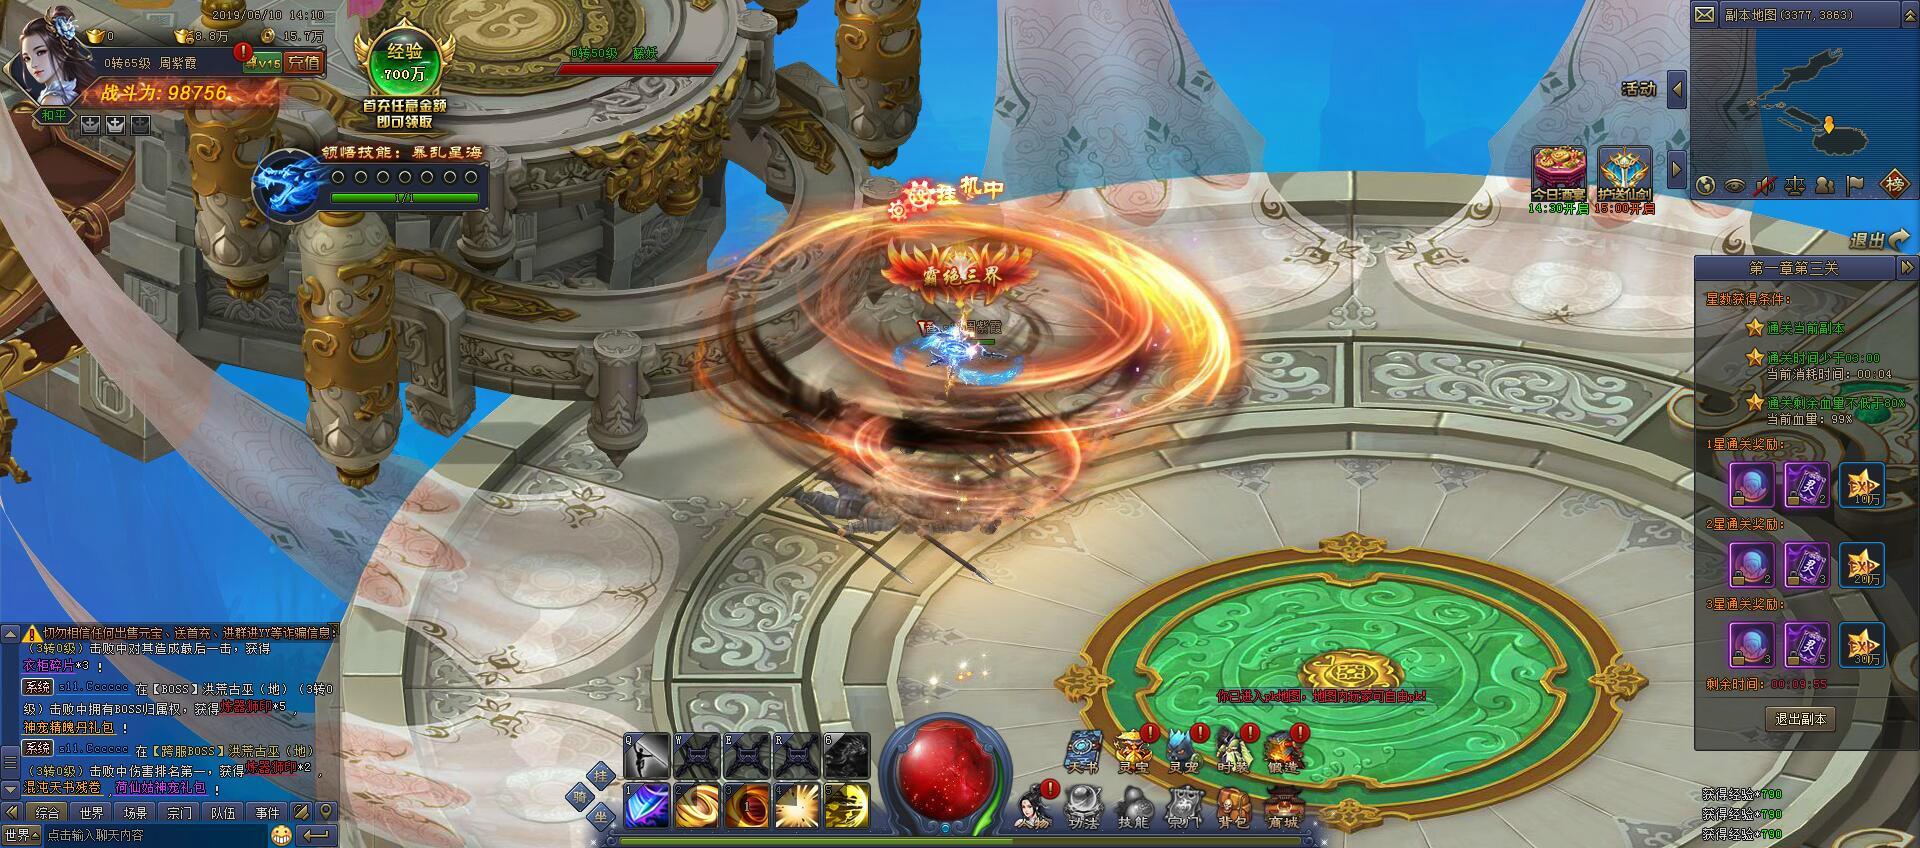 傲剑苍穹游戏截图1